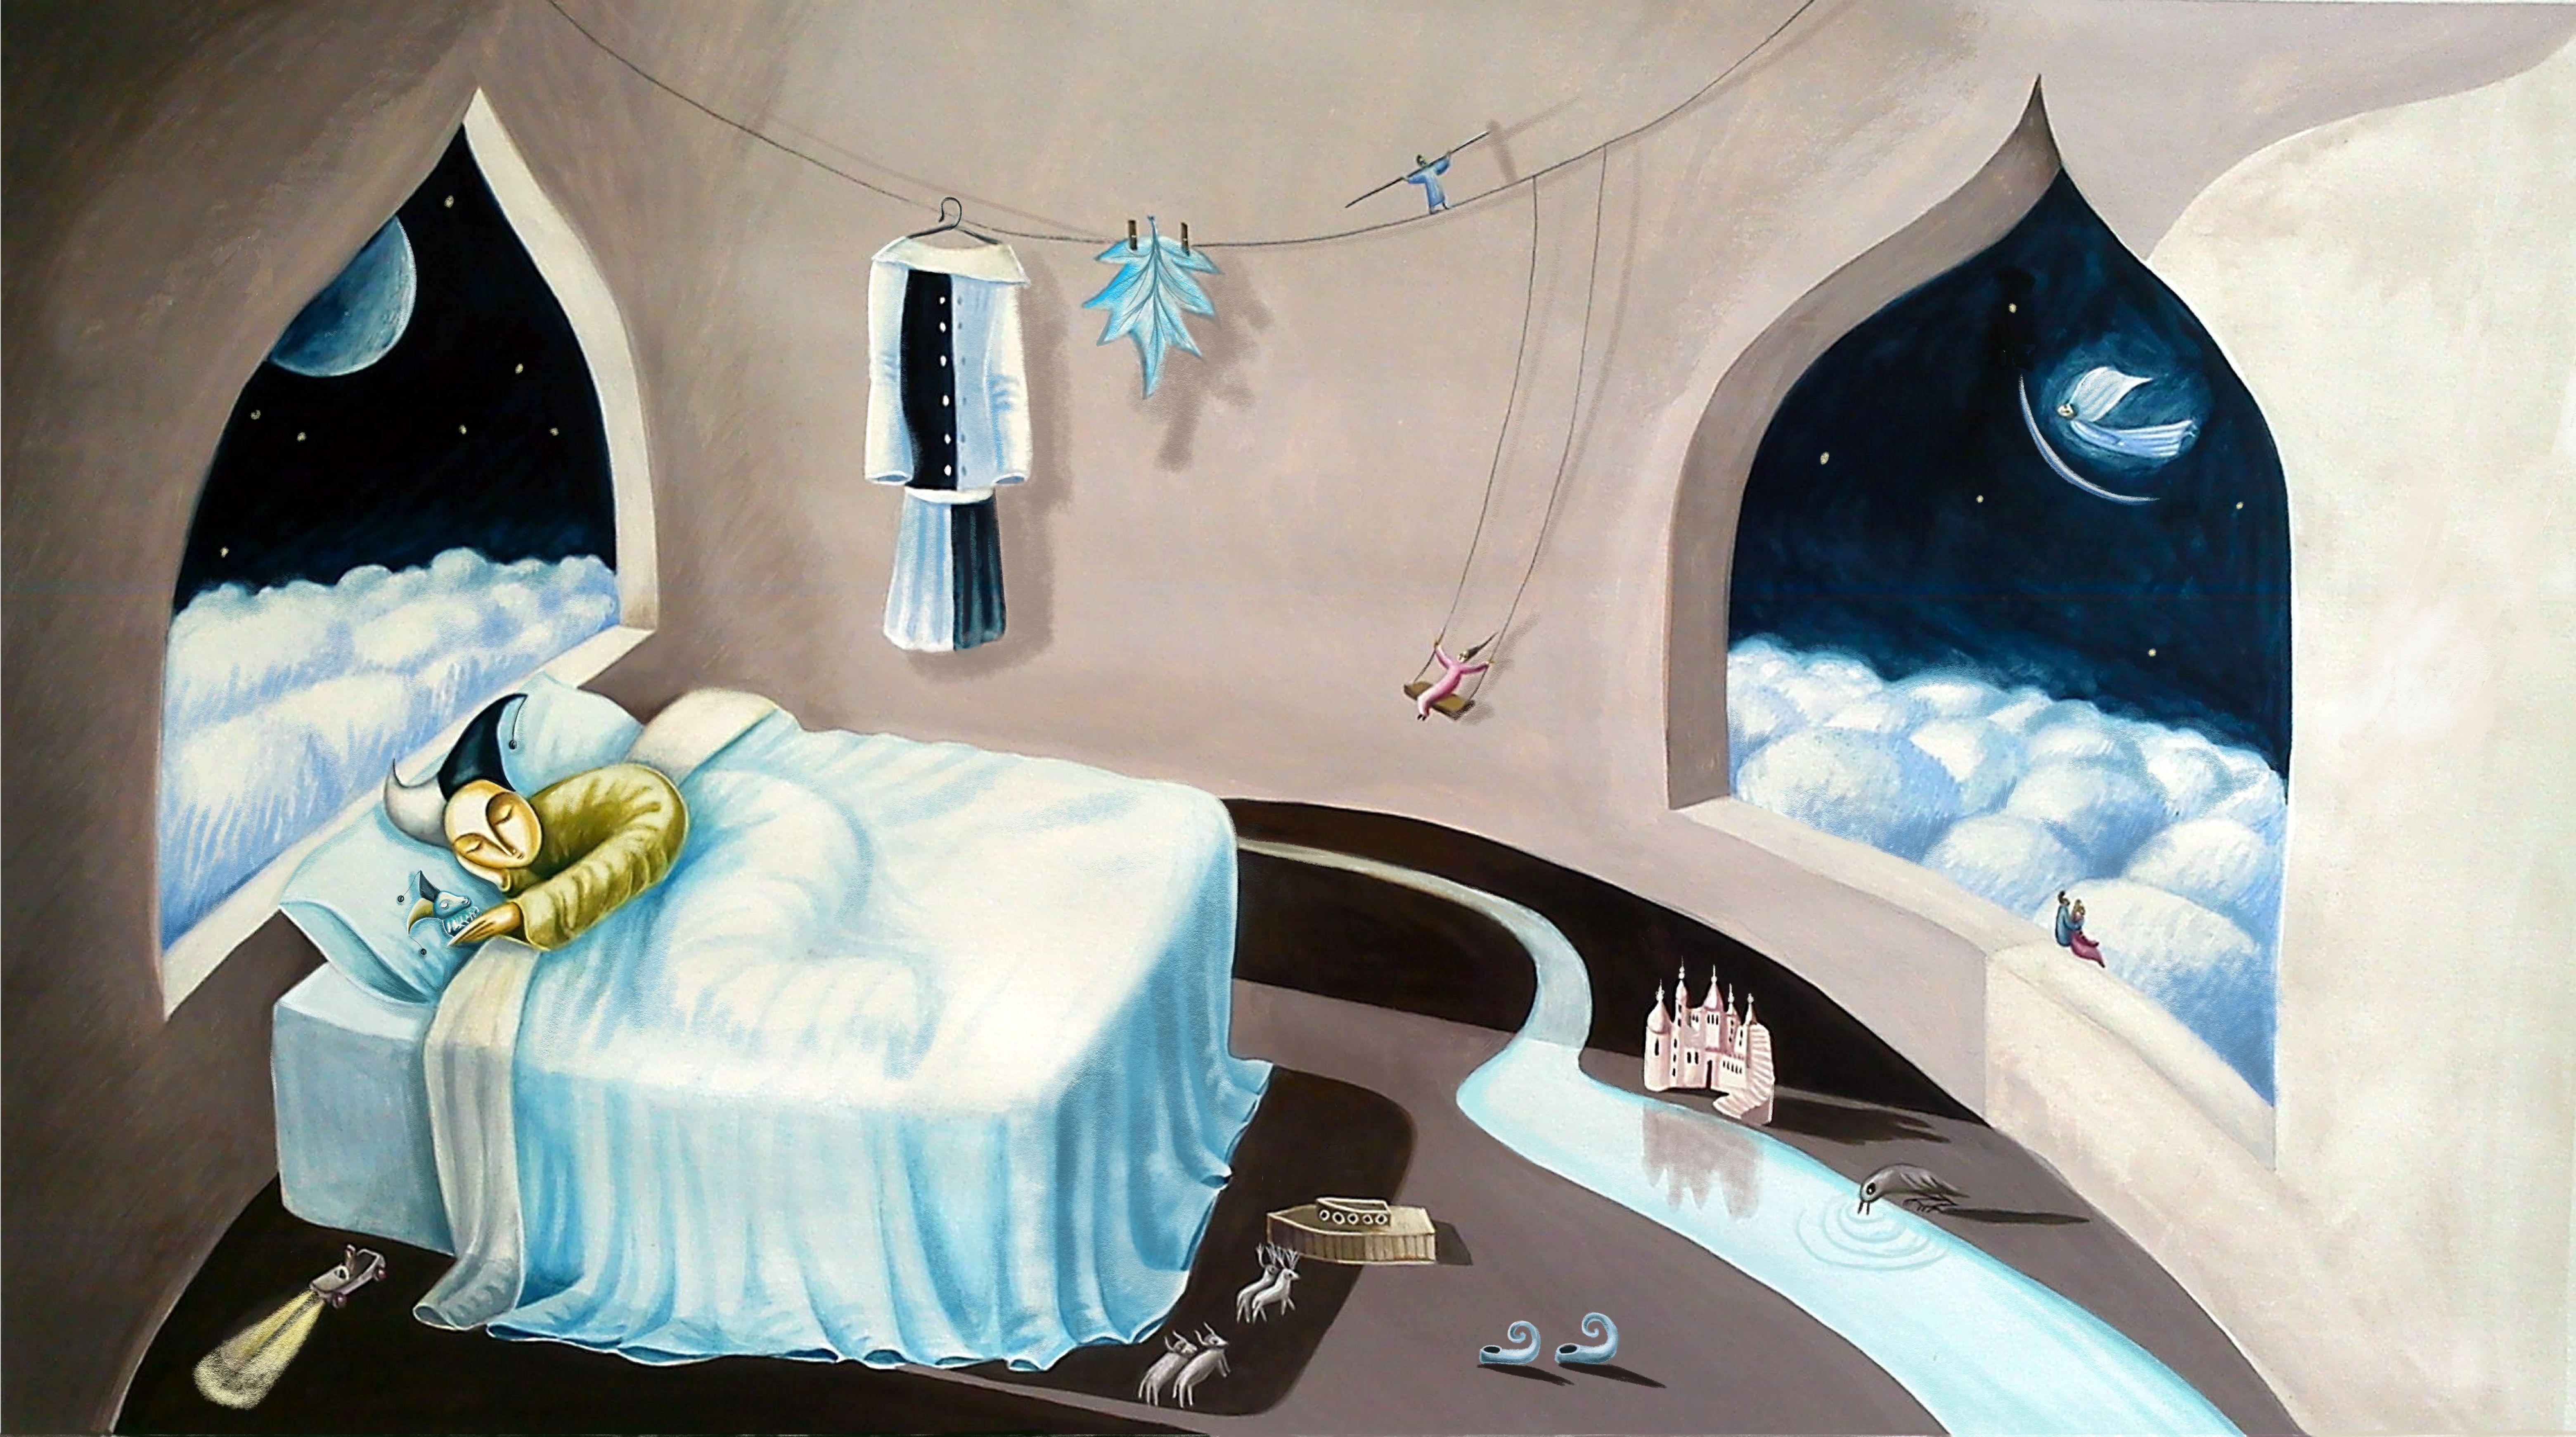 La mia camera da letto - Bimba Landmann - TgTourism